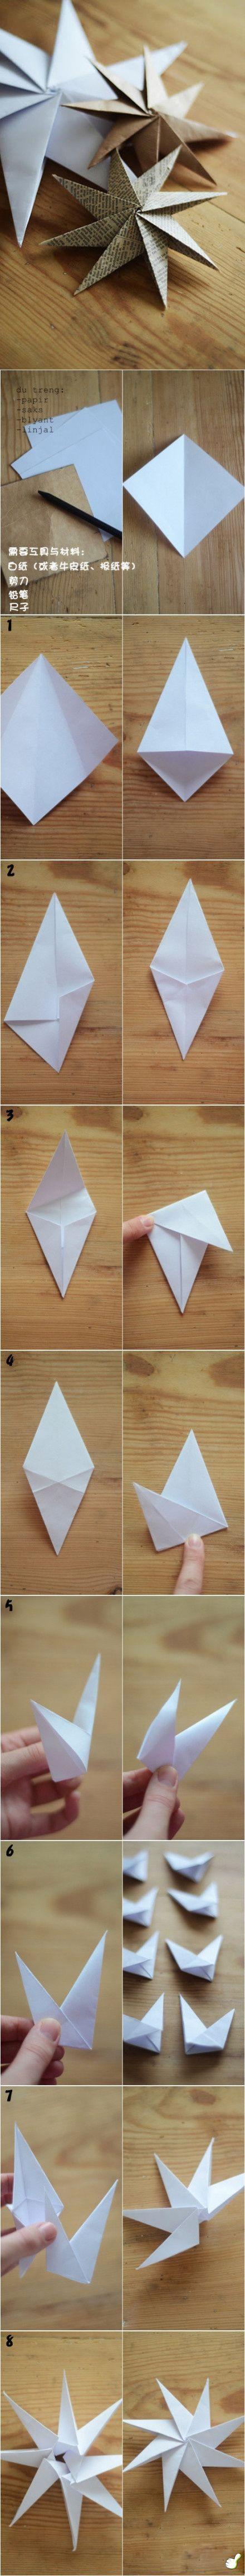 Per chi è abile nell'arte dell'origami non dovrebbe trovare difficile realizzare queste stelline di carta! DIY Paper Stars diy craft crafts craft ideas easy crafts diy ideas diy crafts easy diy kids crafts paper crafts kids craft